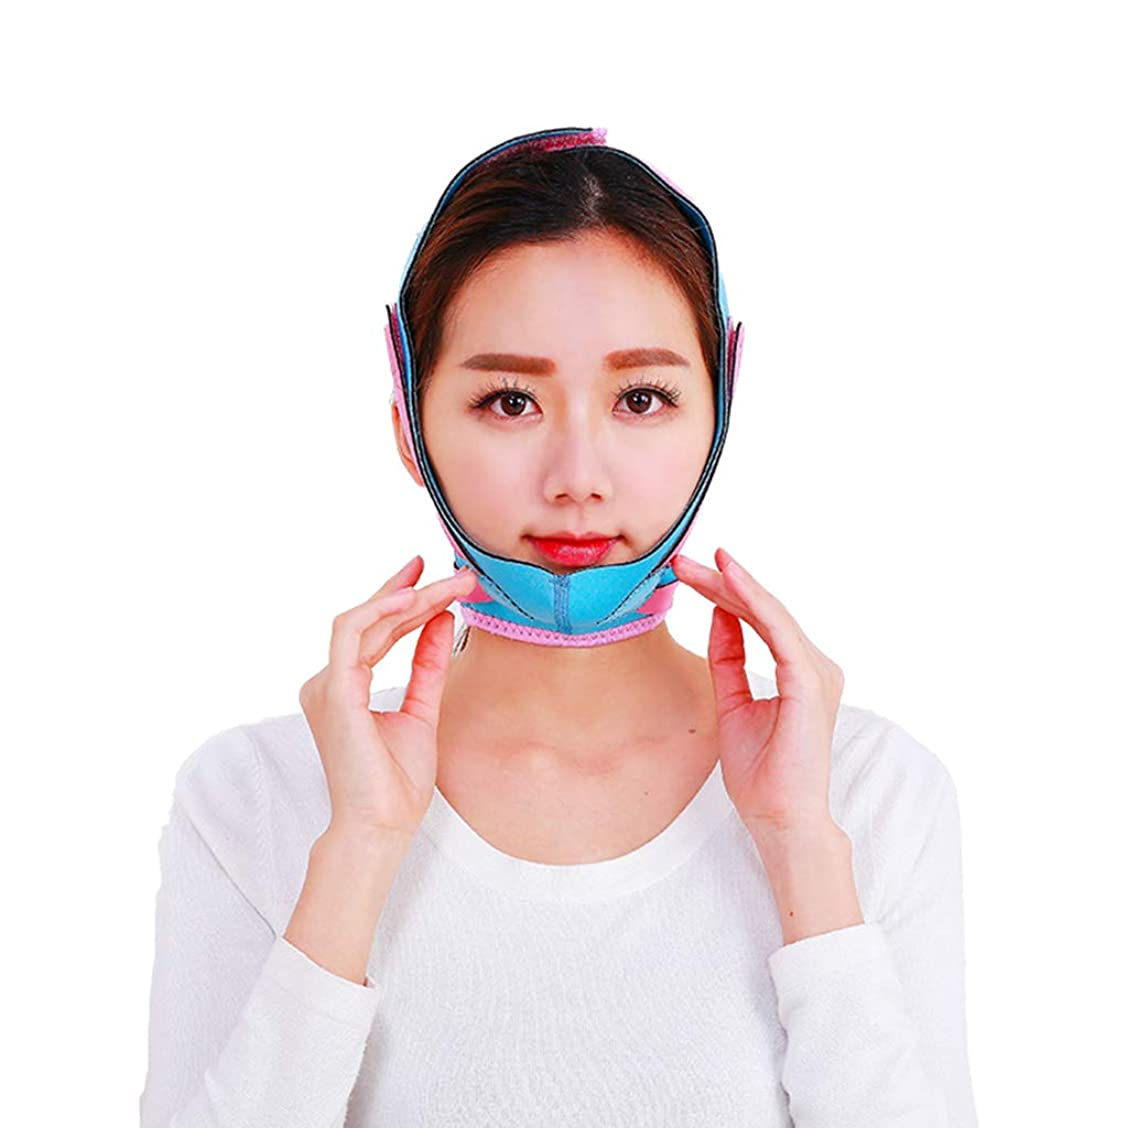 り断言する二年生顔-リフティングマスクは、たるみの筋肉や引き締まった肌の弾力性を和らげるために輪郭を強化する V フェイス包帯